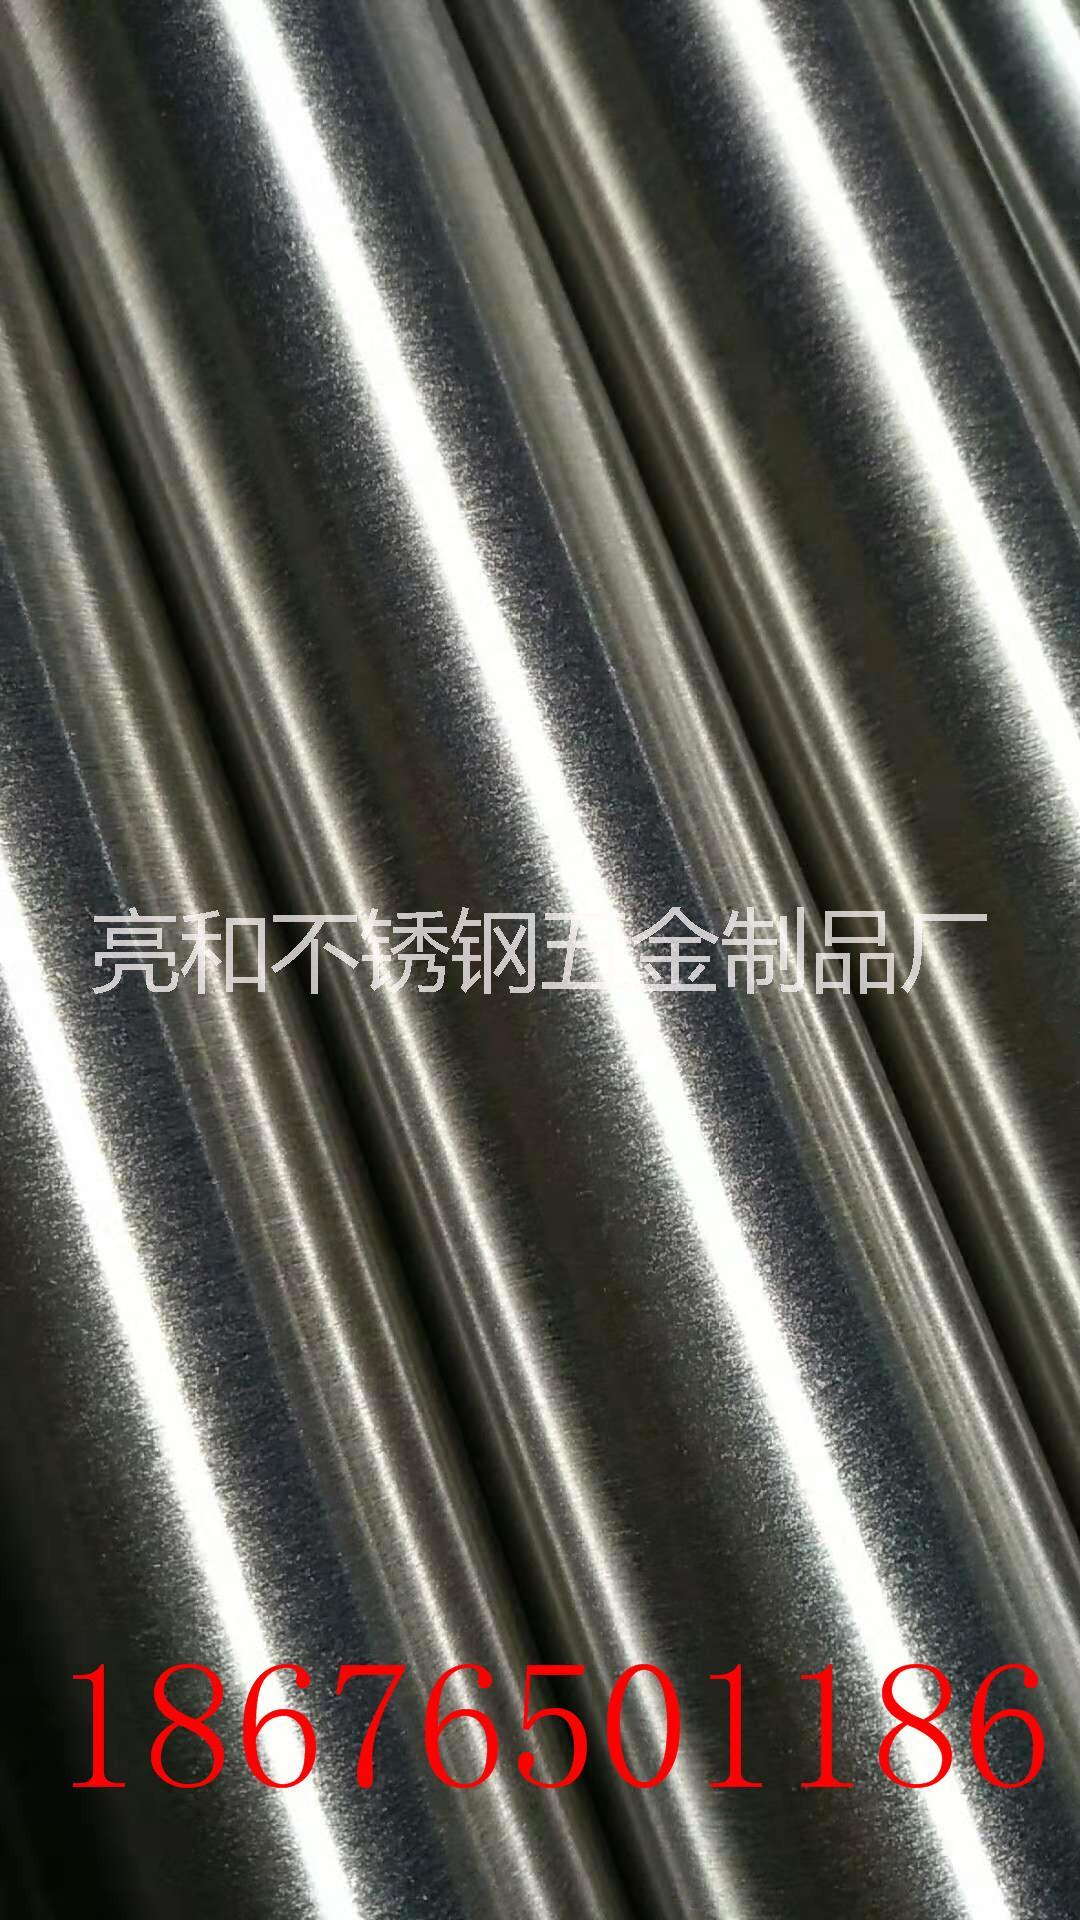 佛山201不锈钢管材 不锈钢管厂 不锈钢制品管 不锈钢装饰管 不锈钢异型管 不锈钢小圆管